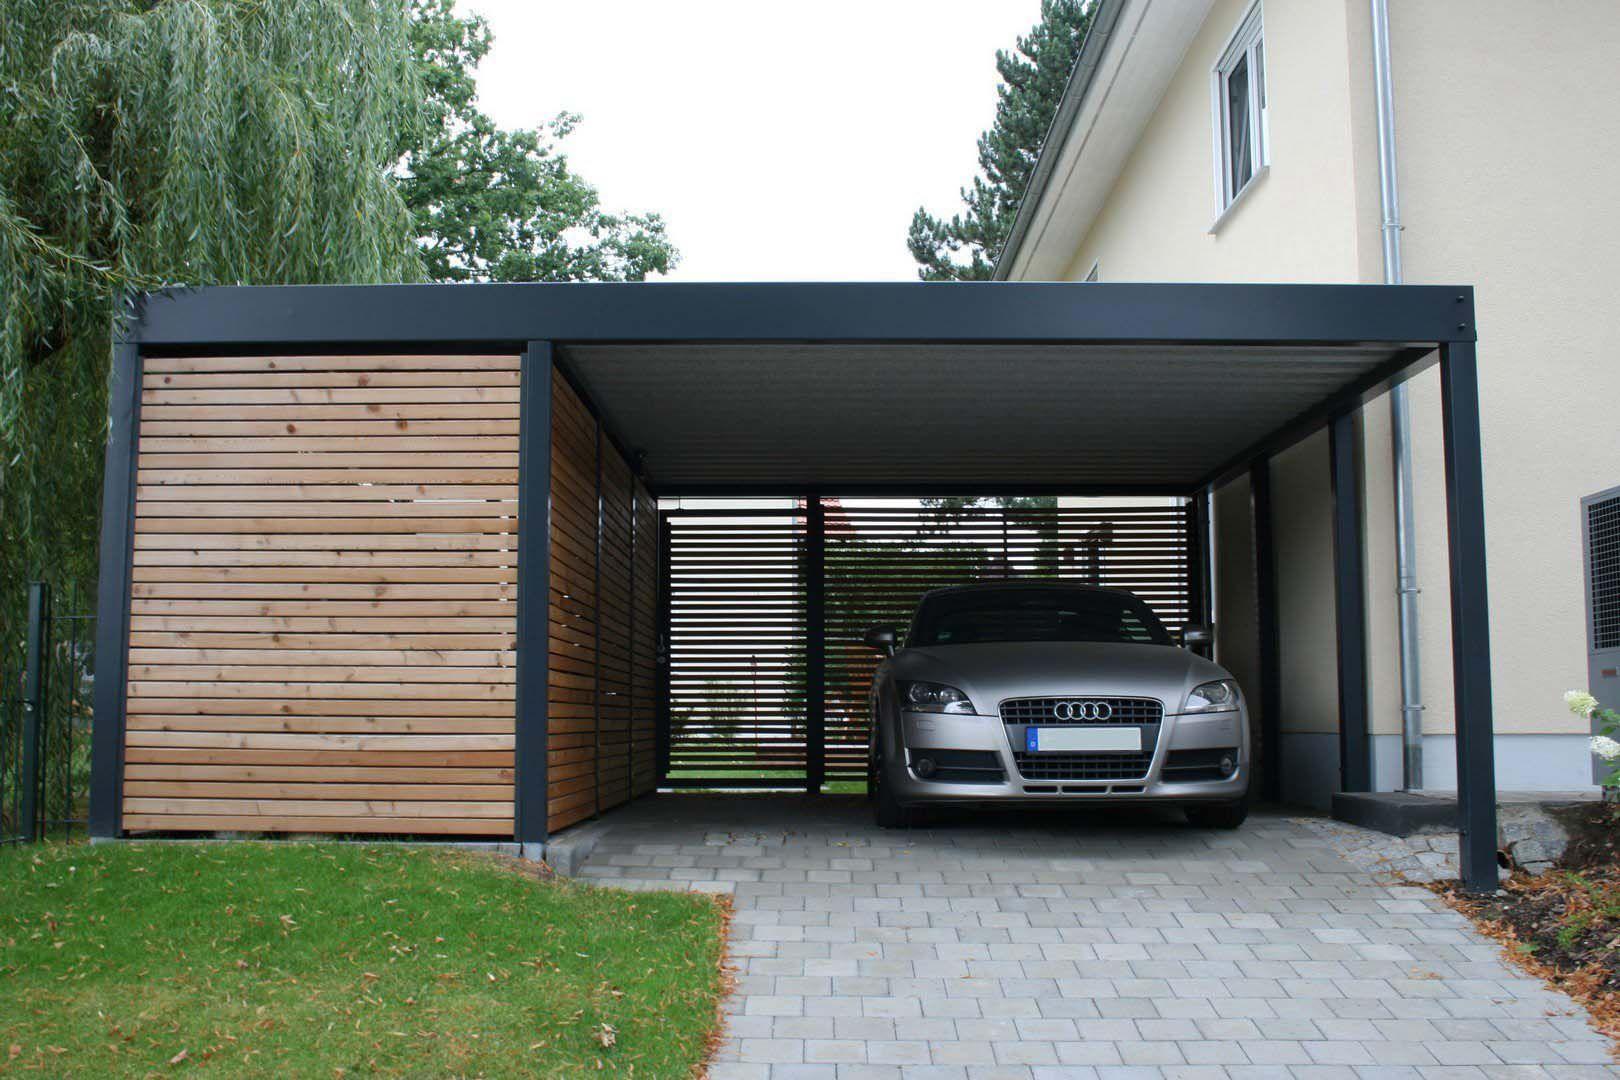 Metallcarport Stahlcarport Kaufen Metall Carport Preise Mit Abstellraum Konfigurator Design Stuttgart Moderne Garage